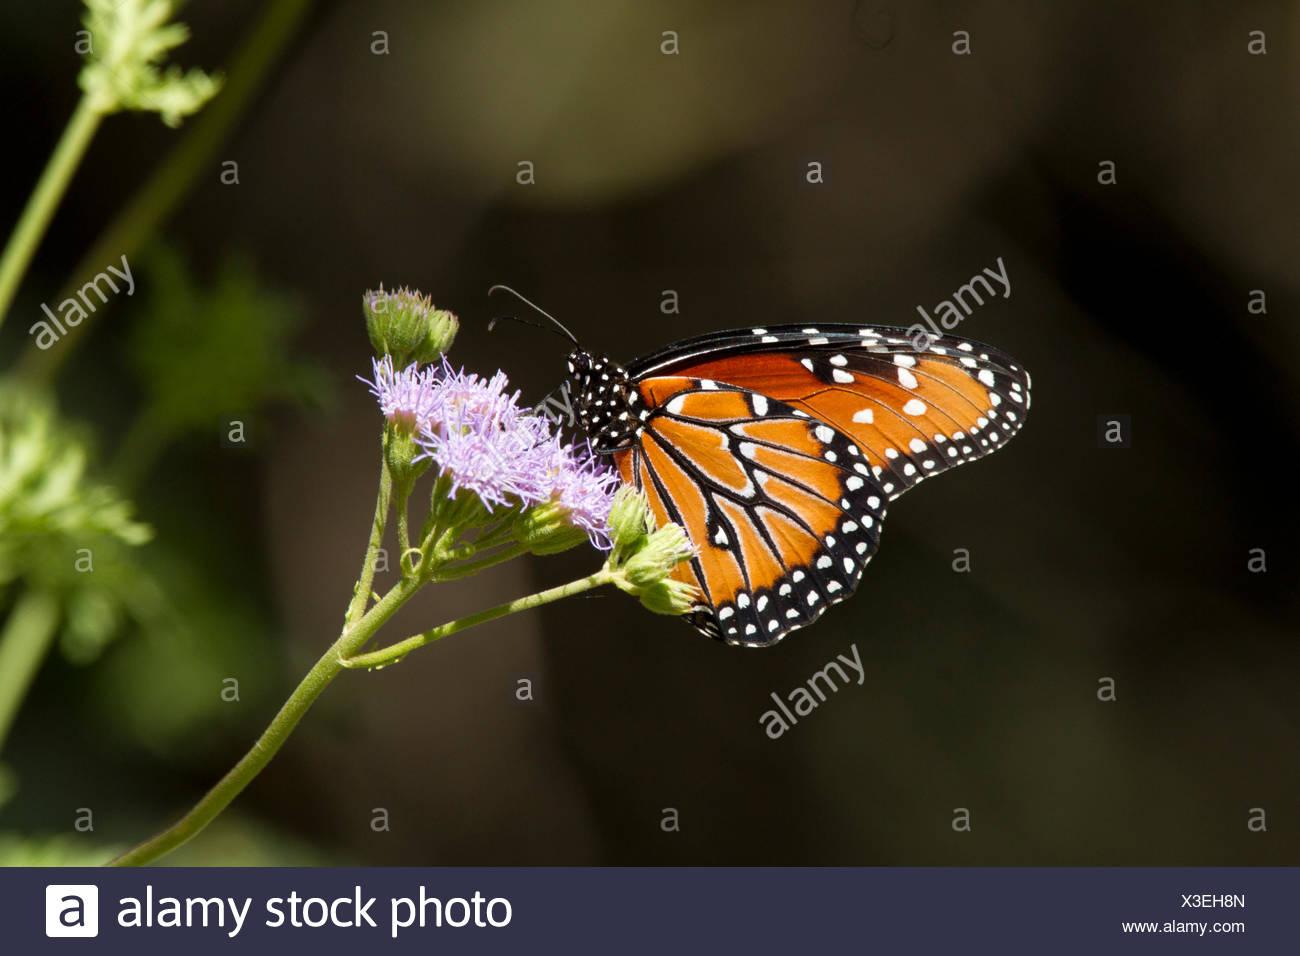 Groß Monarch Schmetterling Anatomie Fotos - Menschliche Anatomie ...